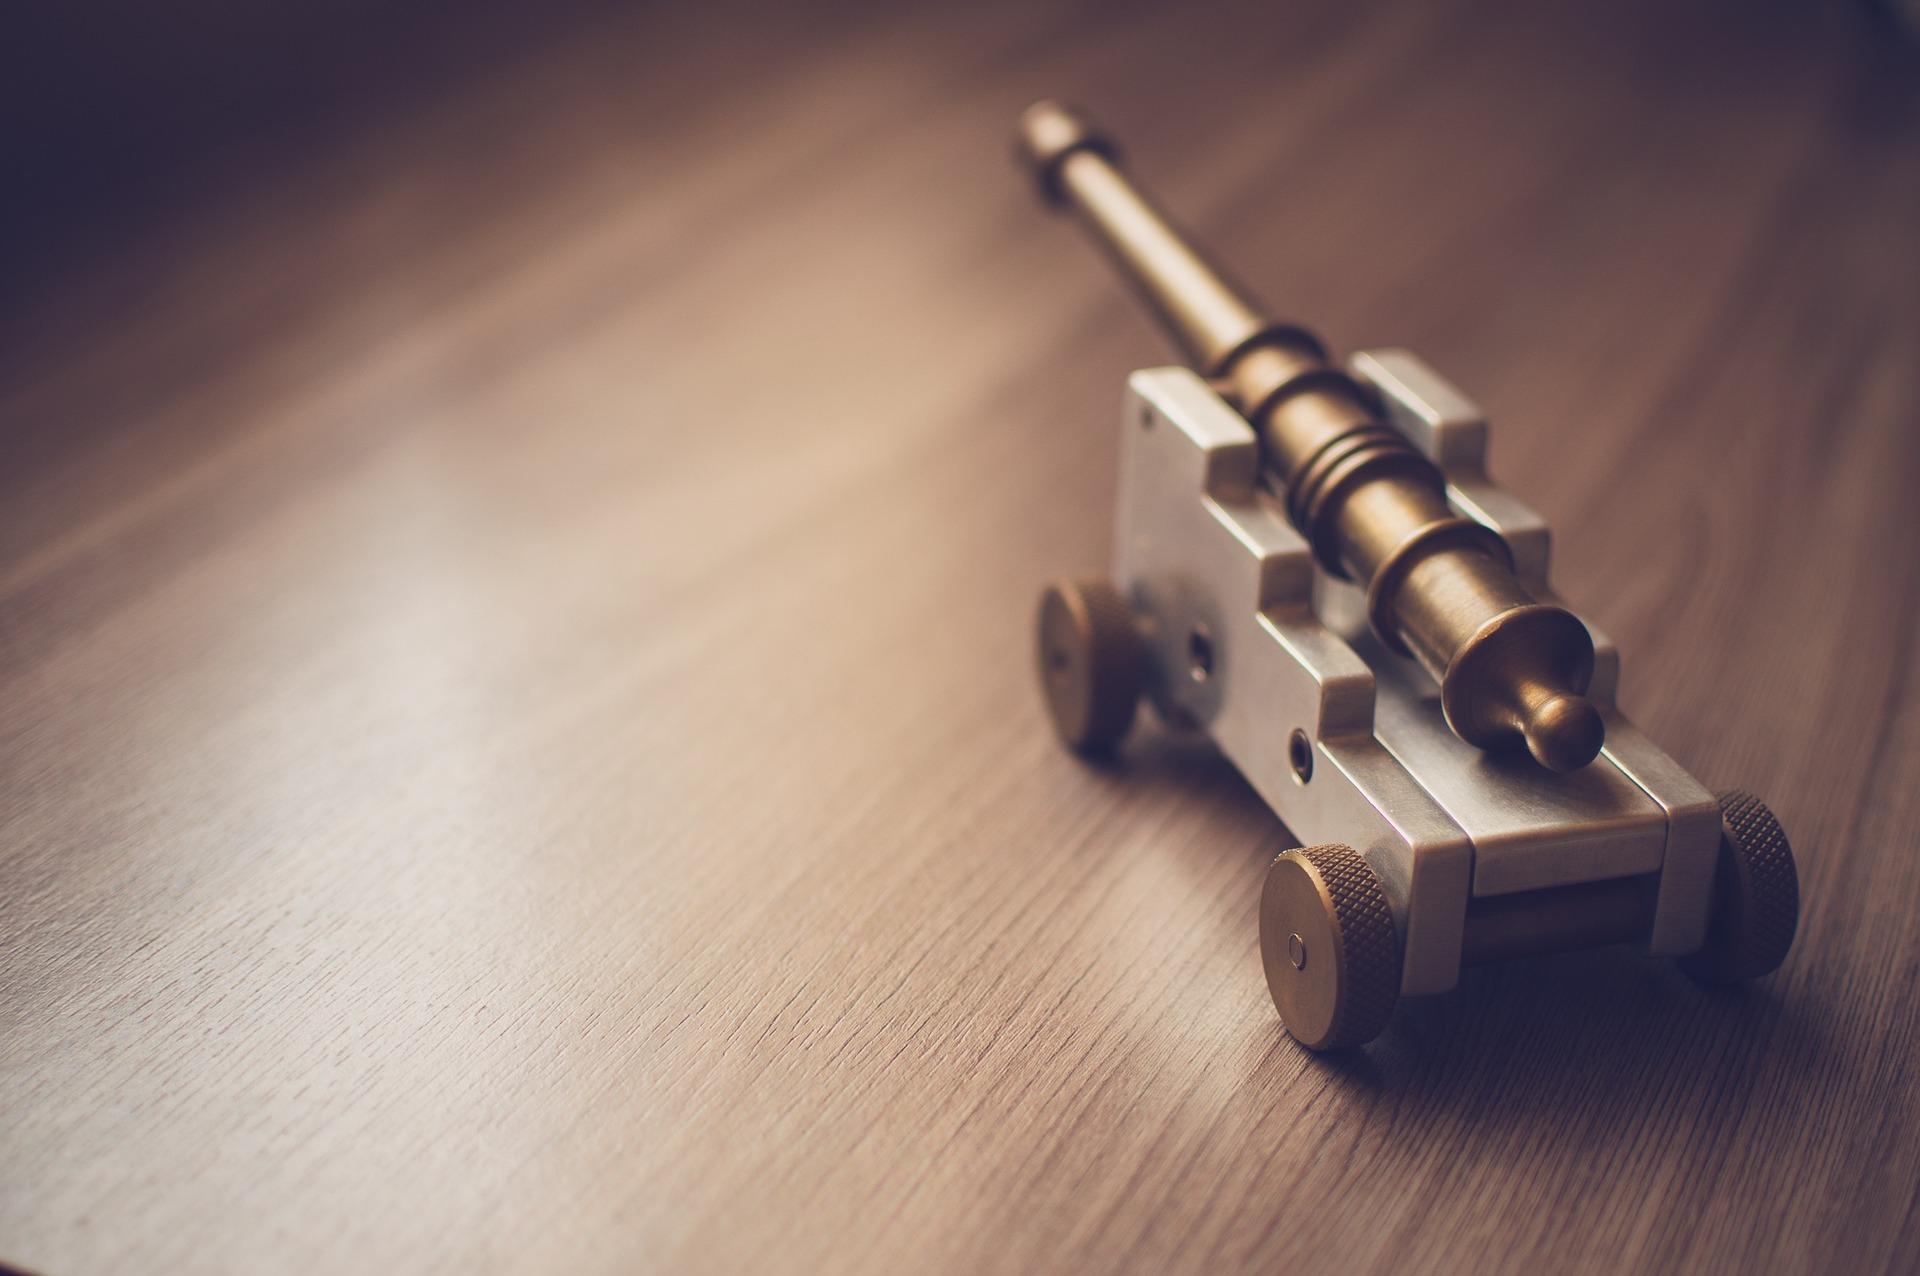 Die 3D Drucker Funktionsweise an Modellen & Prototypen